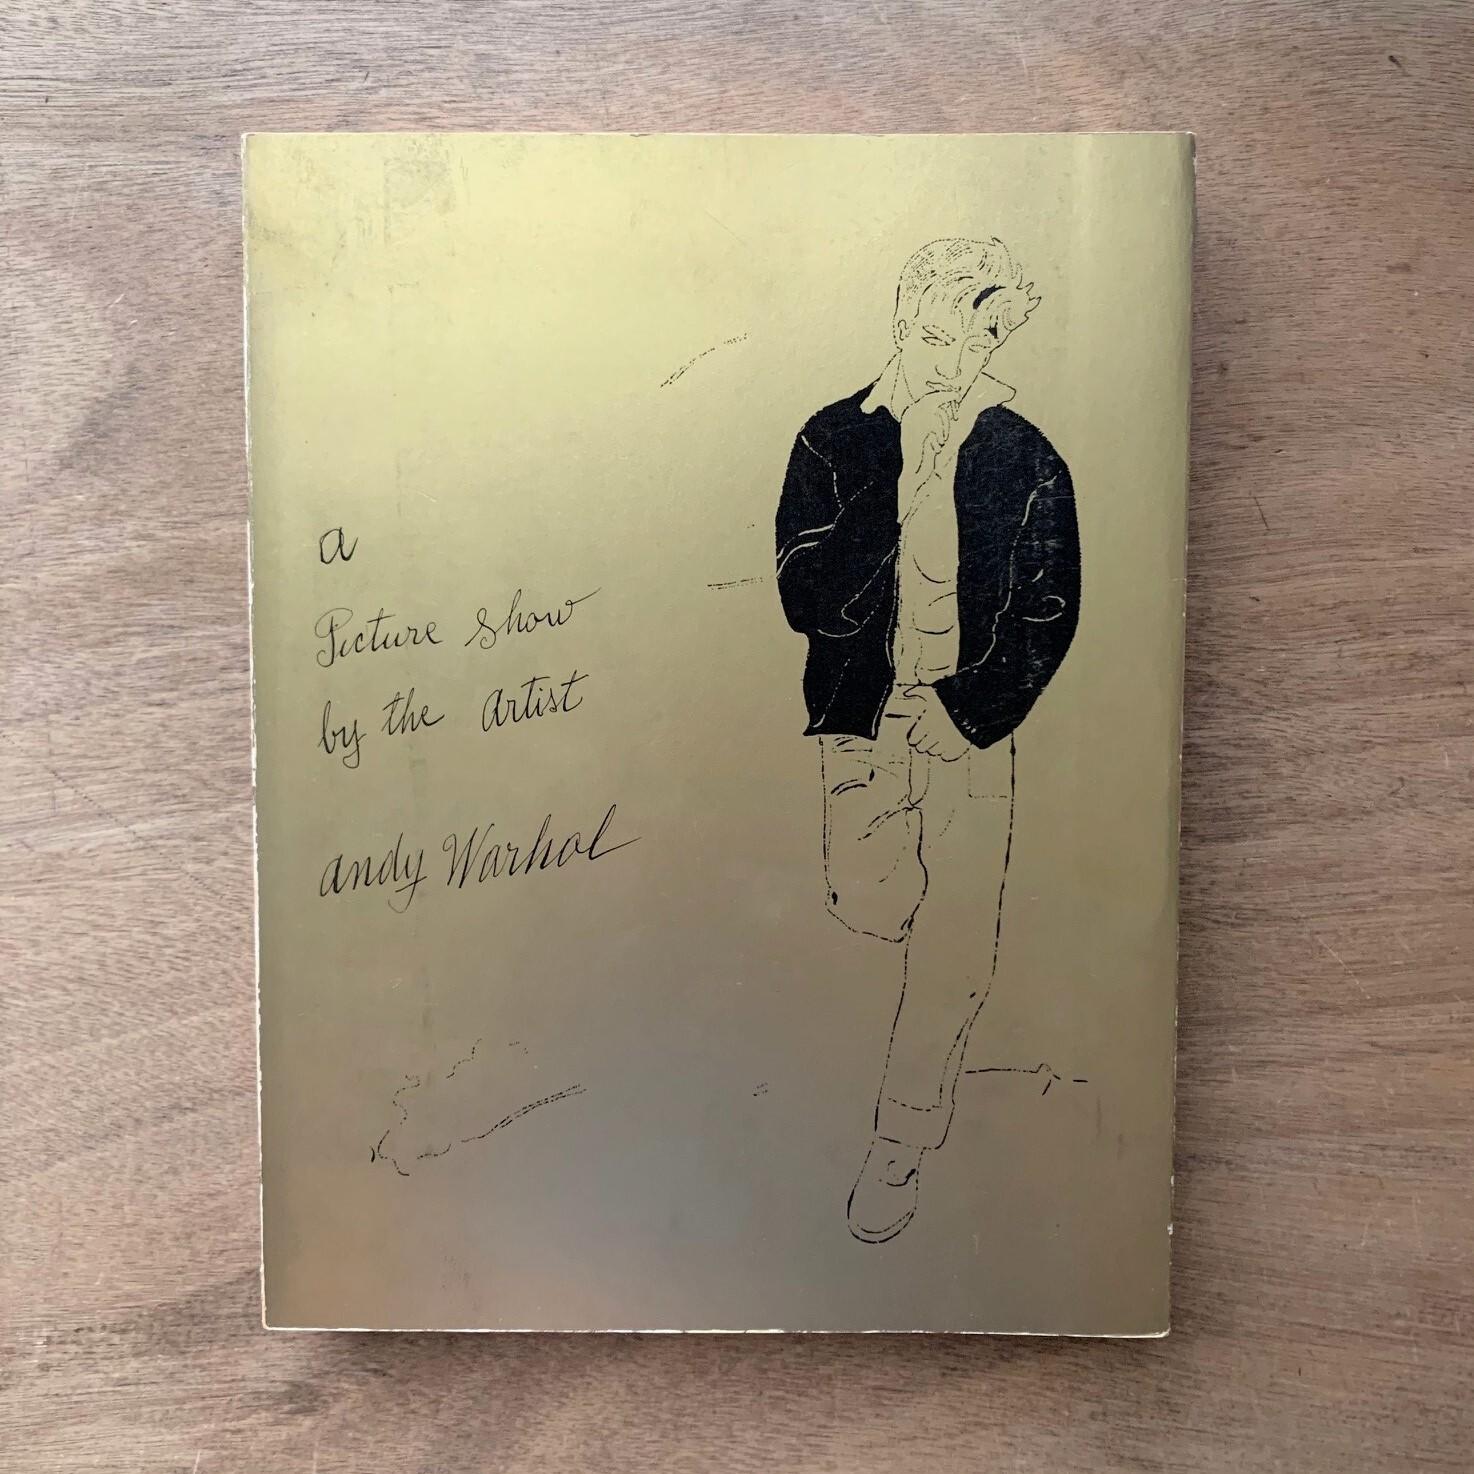 アンディ・ウォーホル / Andy Warhol  / グラフィック作品